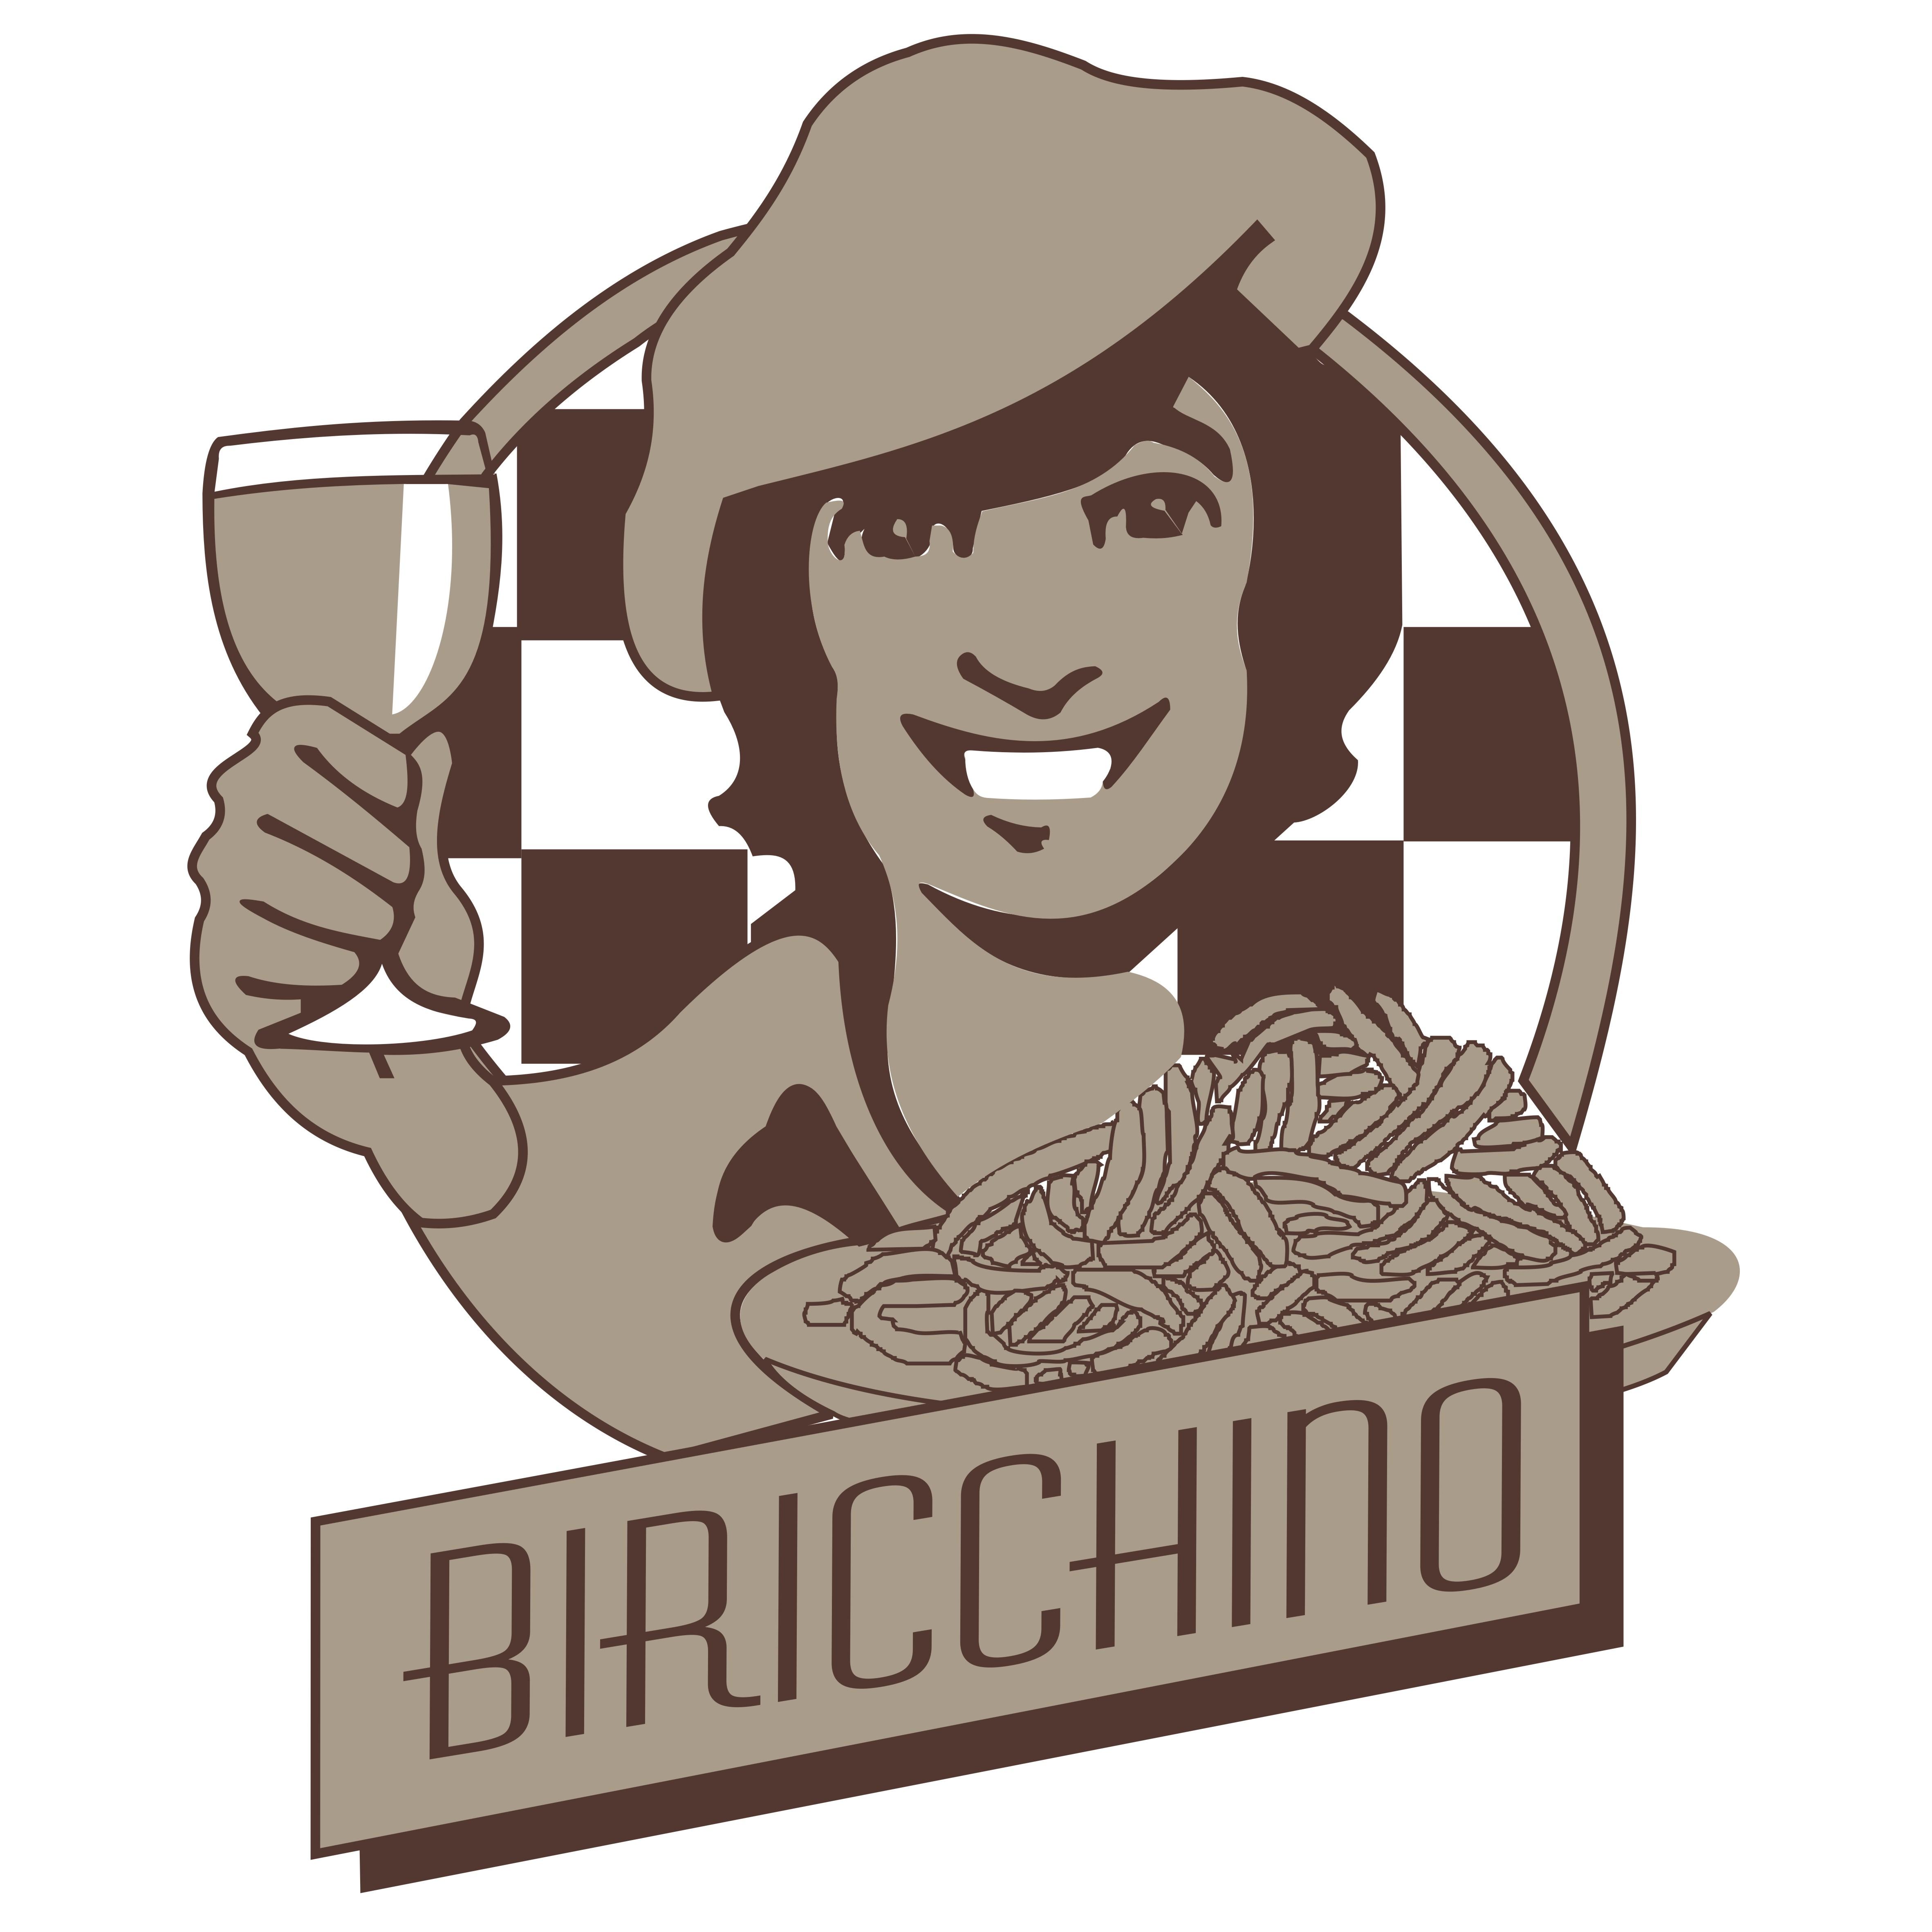 biricchino - New York, NY 10001 - (212)695-6690 | ShowMeLocal.com